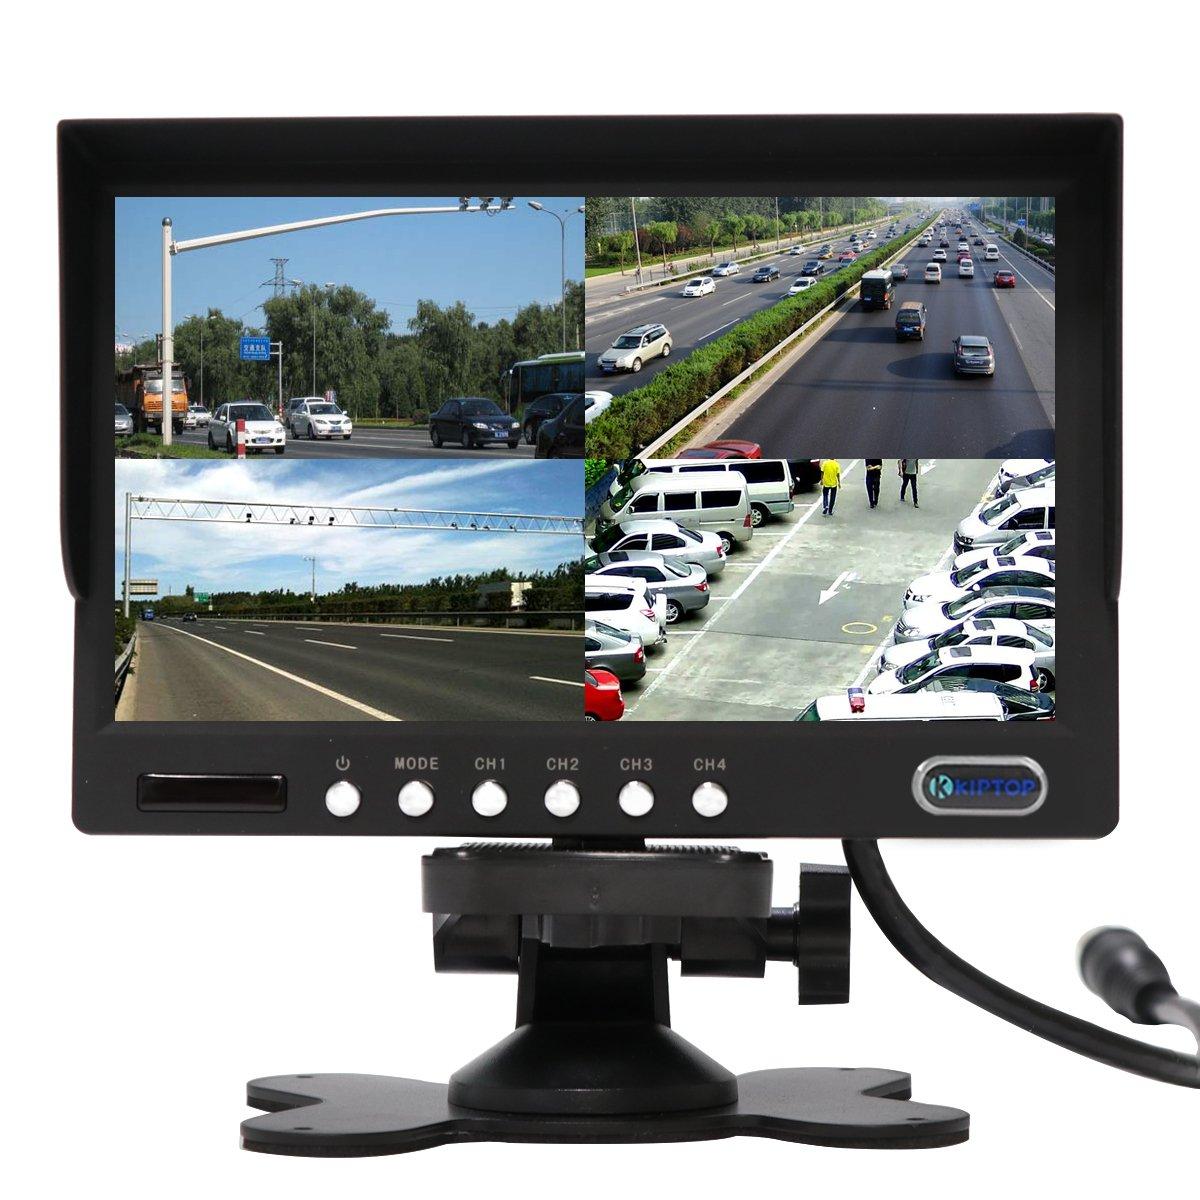 NOUVEUX 7 pouce Ecran camera de recul Kit IP67 camera é tanche avec câ ble 20 mè tres (12-24 Volt) pour camion/camping car/vé hicule KIPTOP CL3002-1